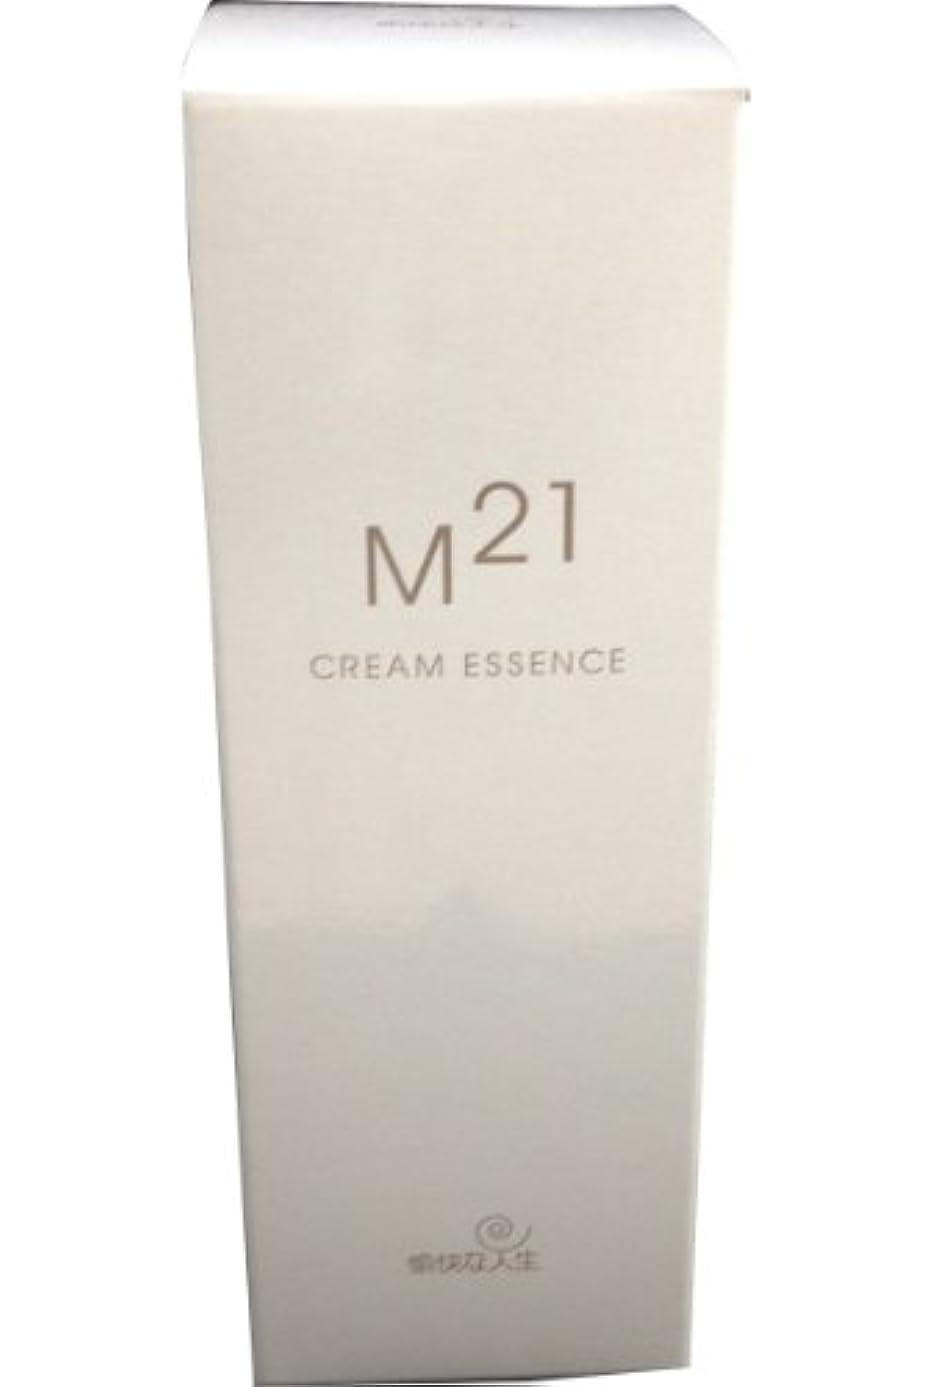 マルクス主義バイソンお香M21クリームエッセンス 自然化粧品M21